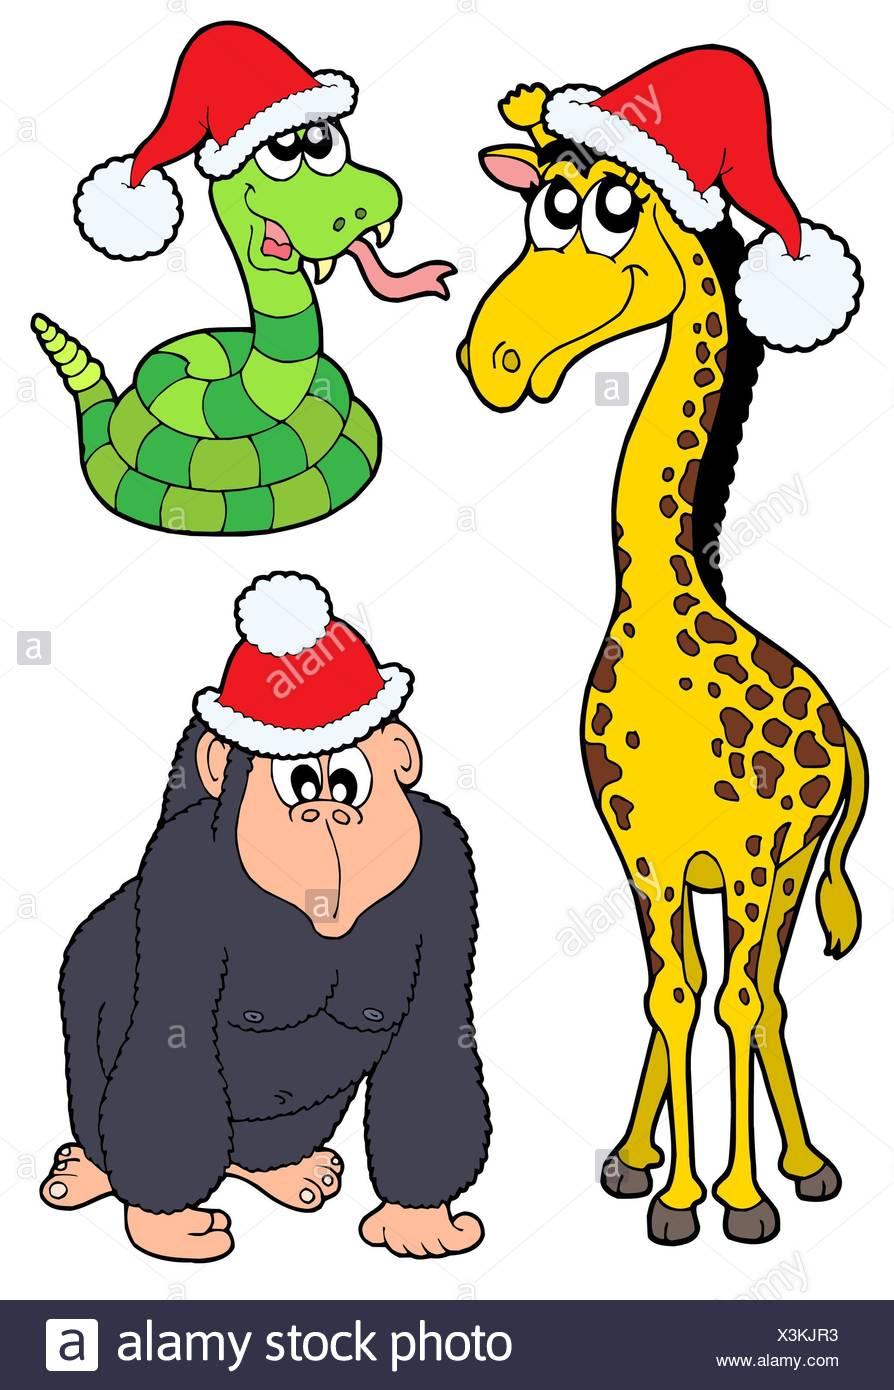 Schlange-Giraffe-Weihnachten-Klausel Weihnachten x-mas Lachen Lachen ...